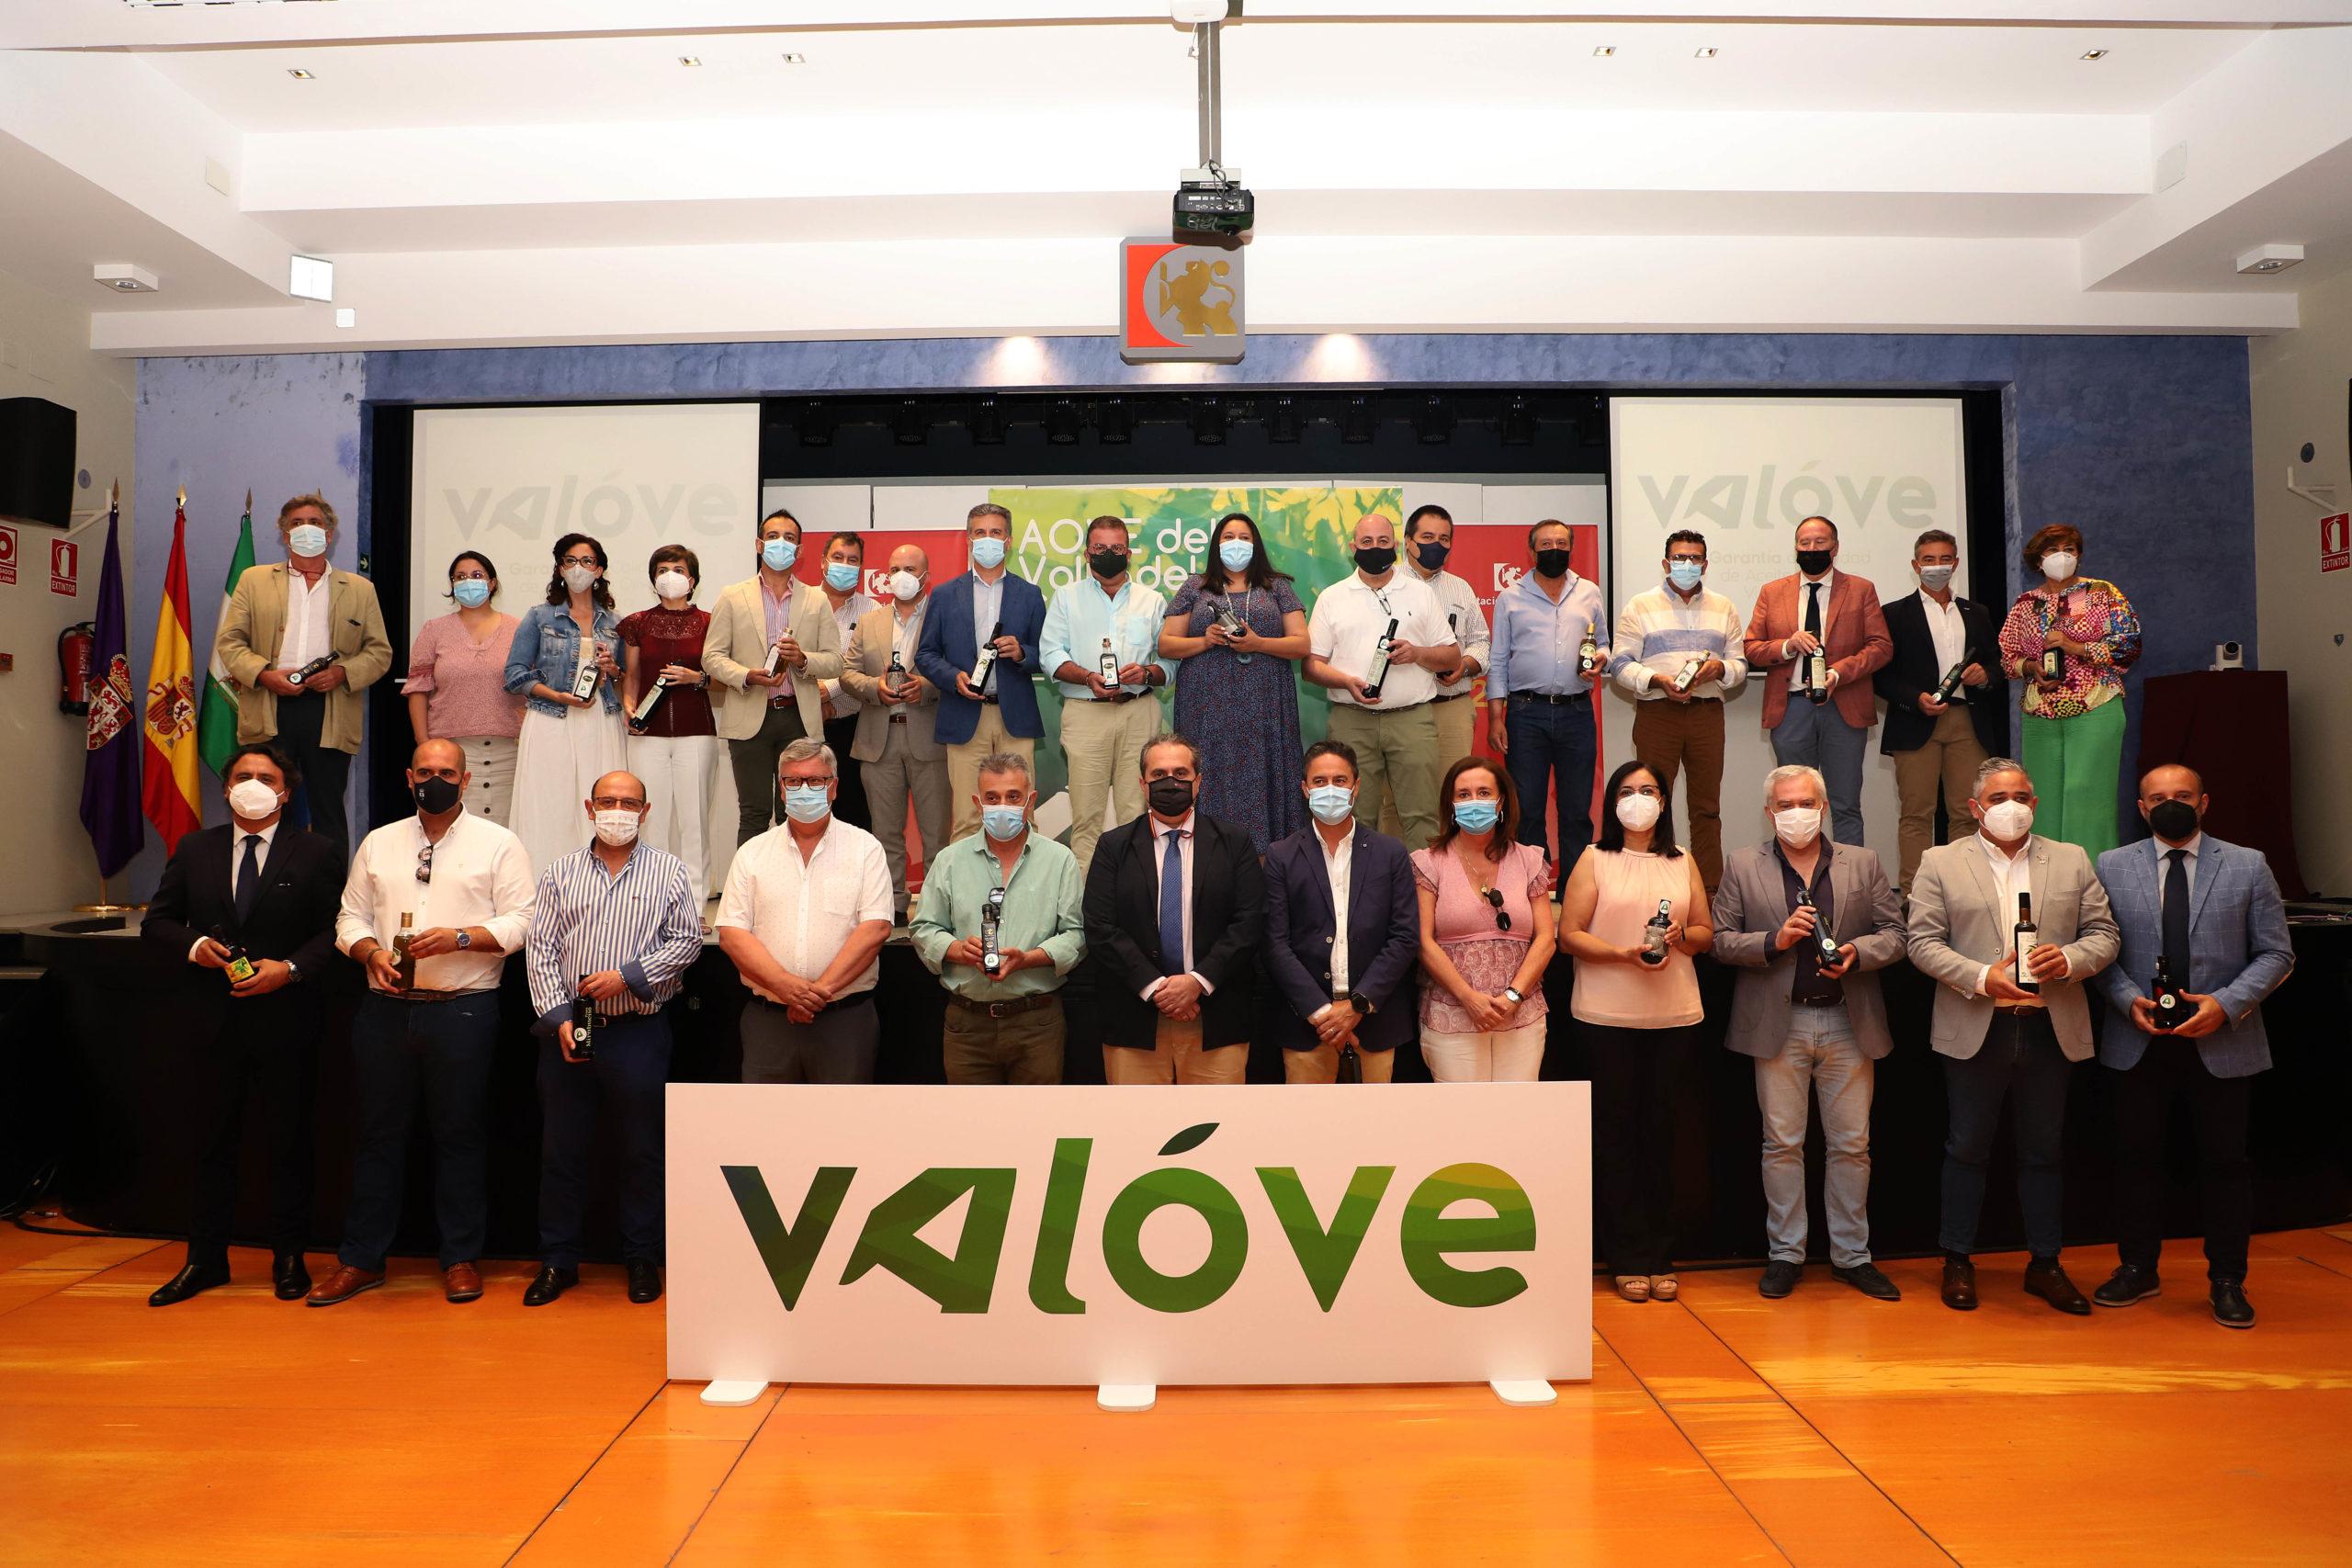 La marca de calidad Aceite de Oliva Virgen Extra Valle del Guadalquivir persigue la distinción y la excelencia, a la vez que una garantía de calidad en la producción